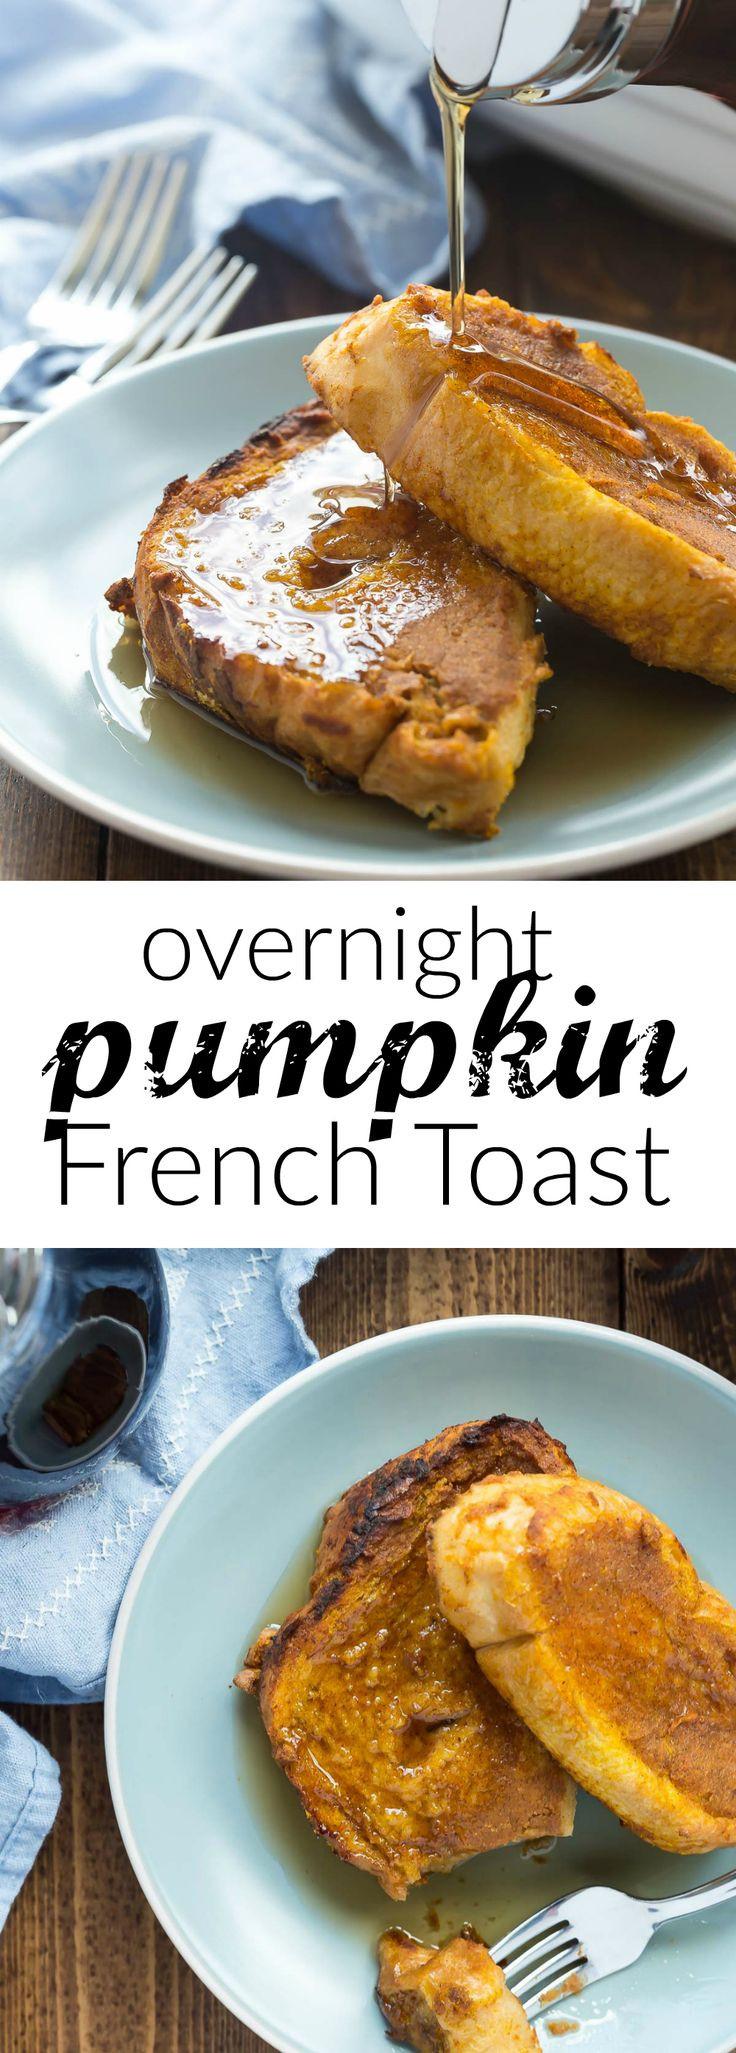 Fall Breakfast Recipes  Best 25 Fall breakfast ideas on Pinterest